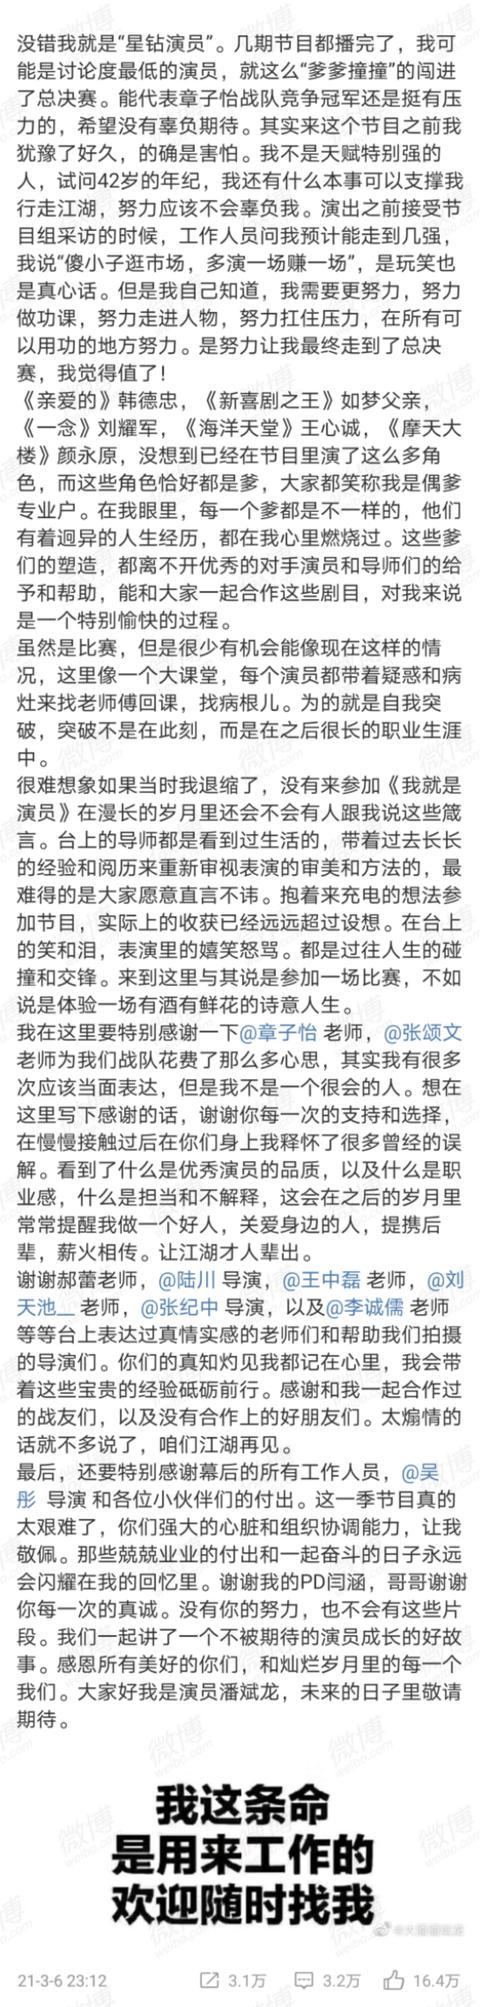 《我就是演员3》收官,潘斌龙夺冠后发长文感谢 全球新闻风头榜 第2张